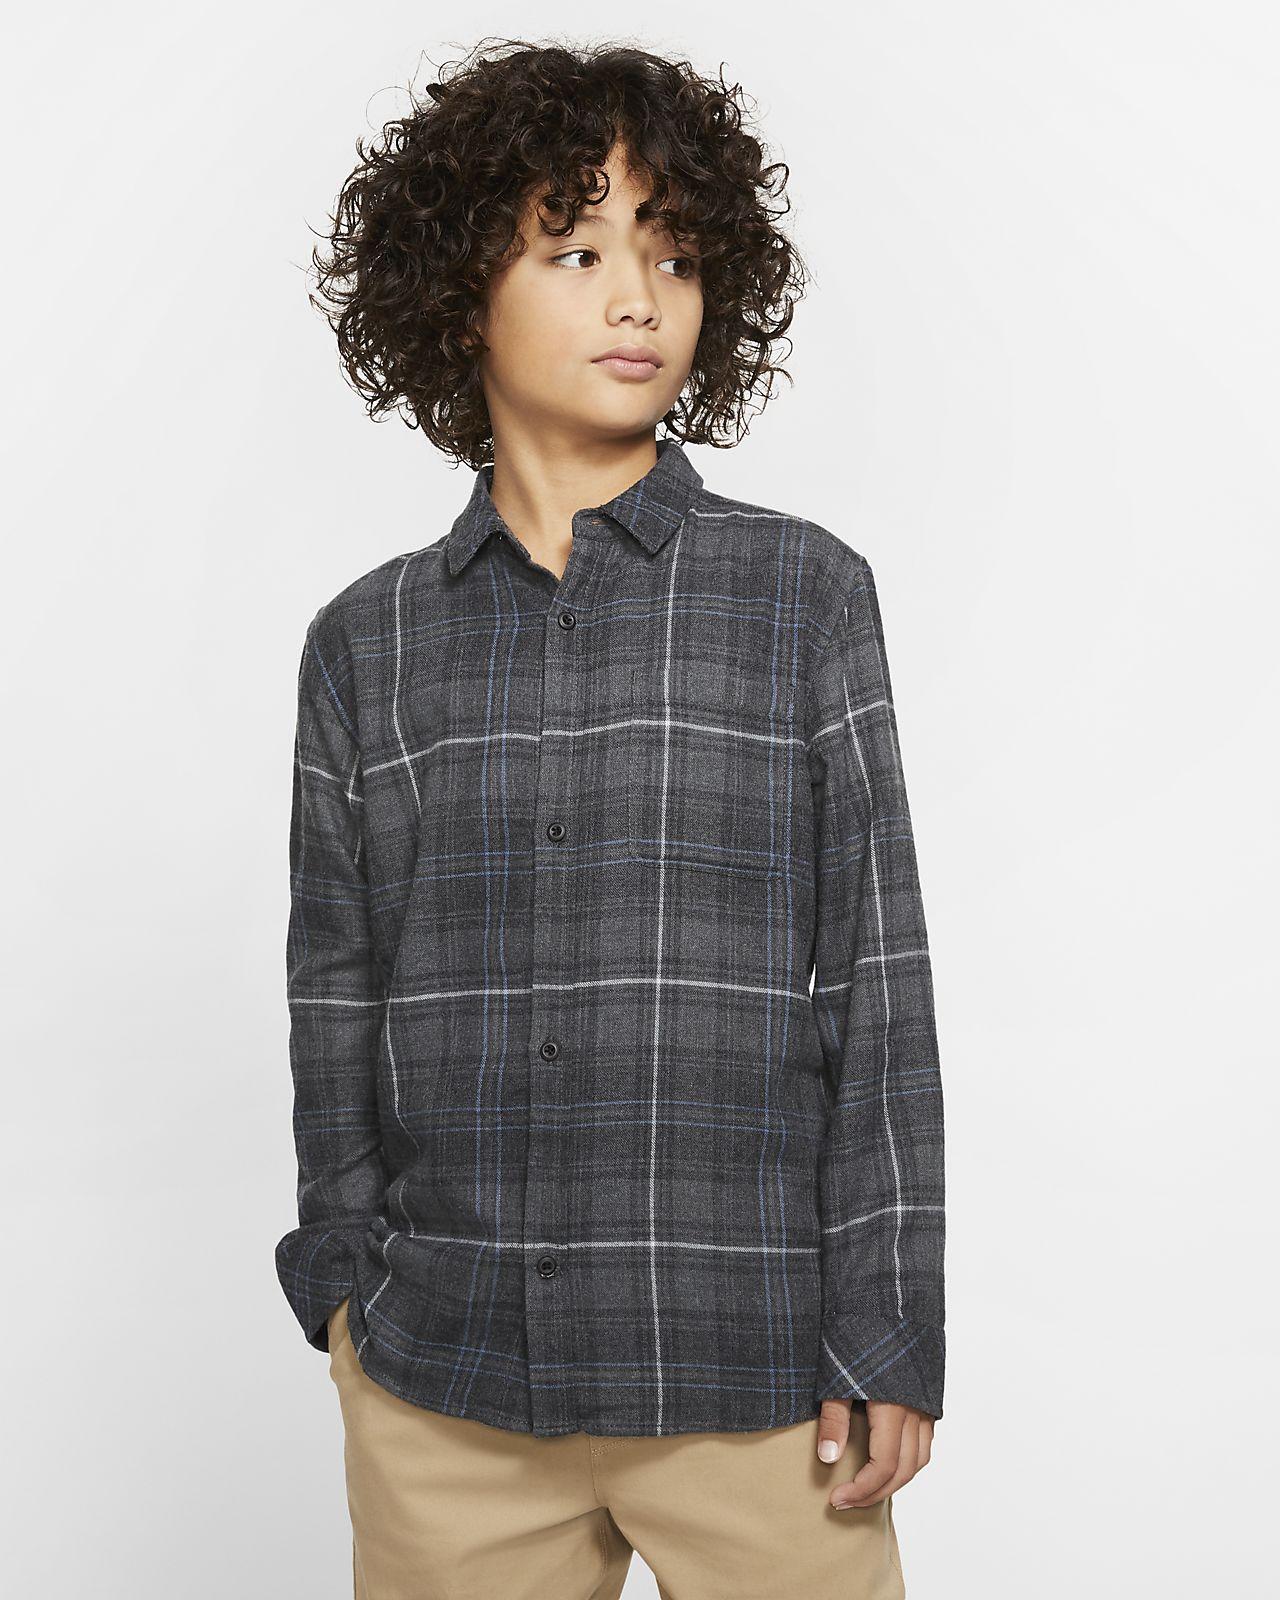 Hurley Vedder Washed Jungen-Langarmshirt